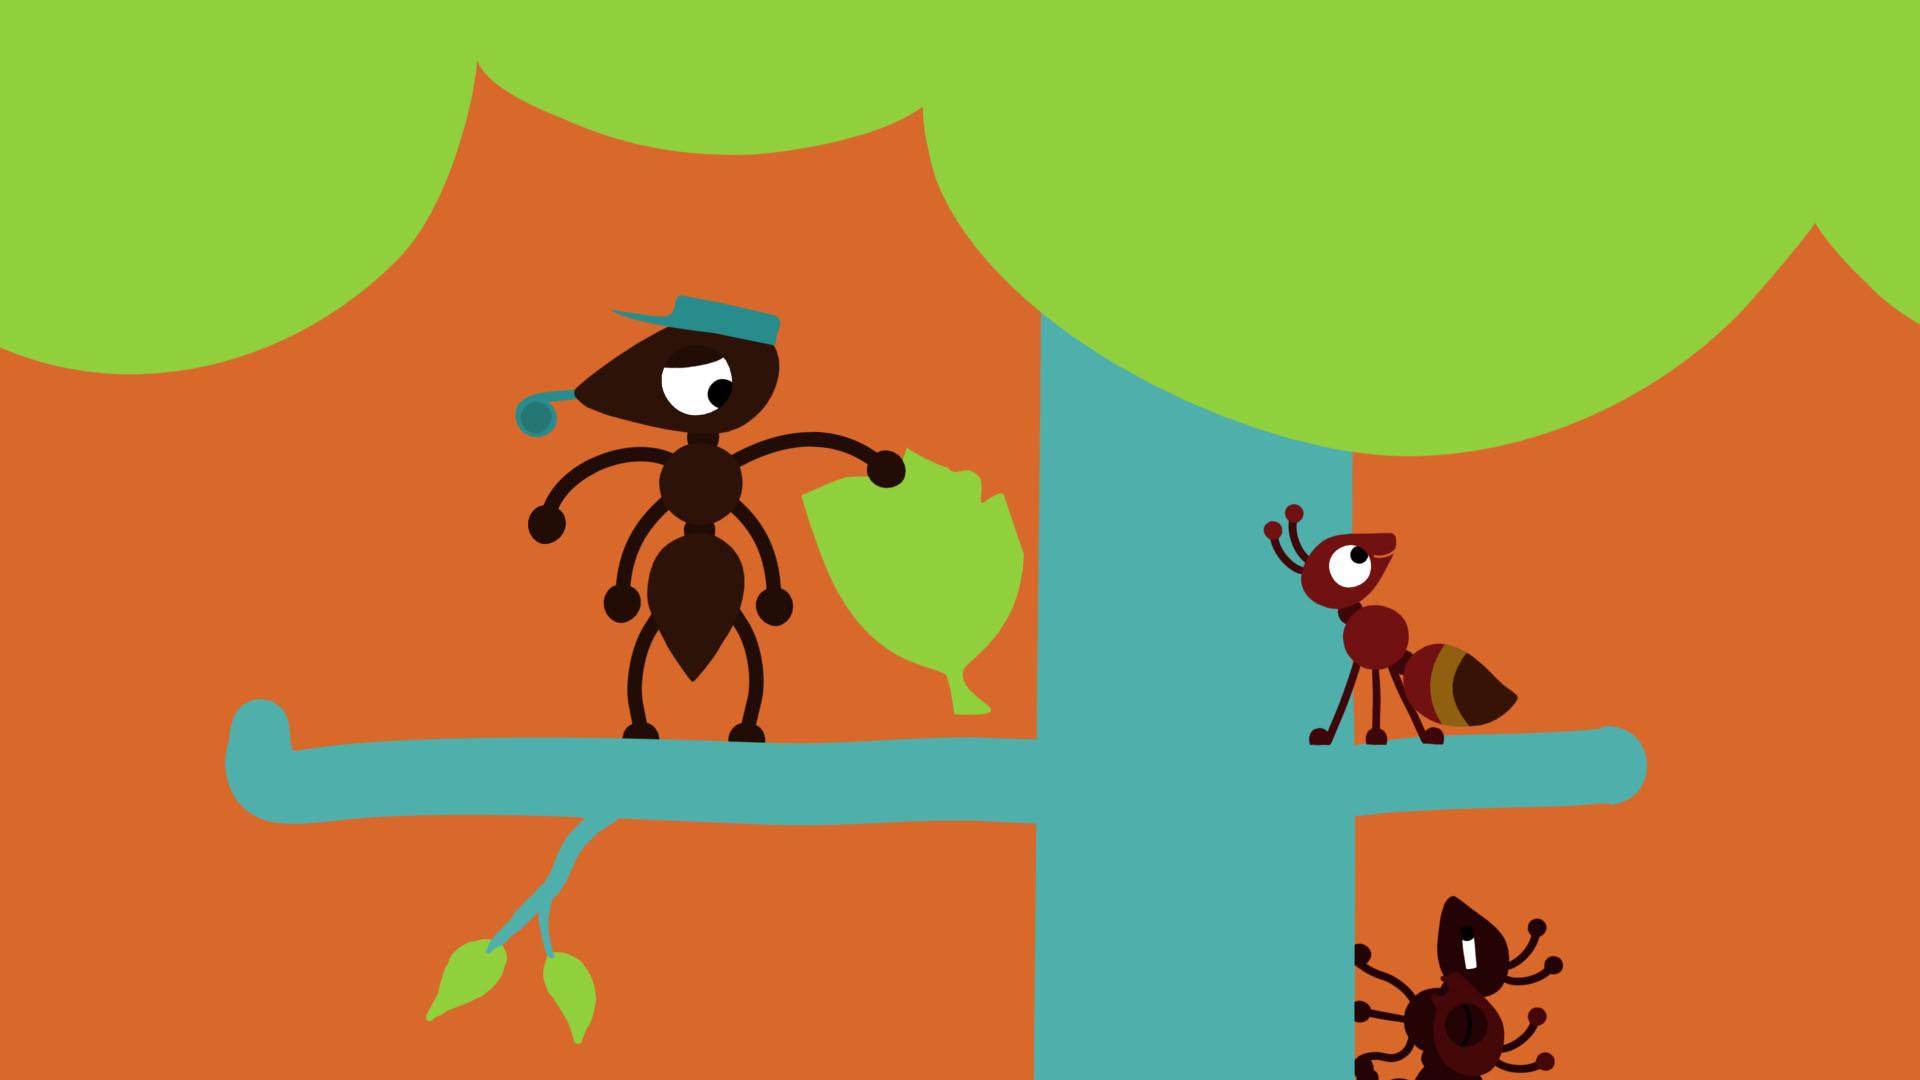 《小螞蟻》(Ameise)